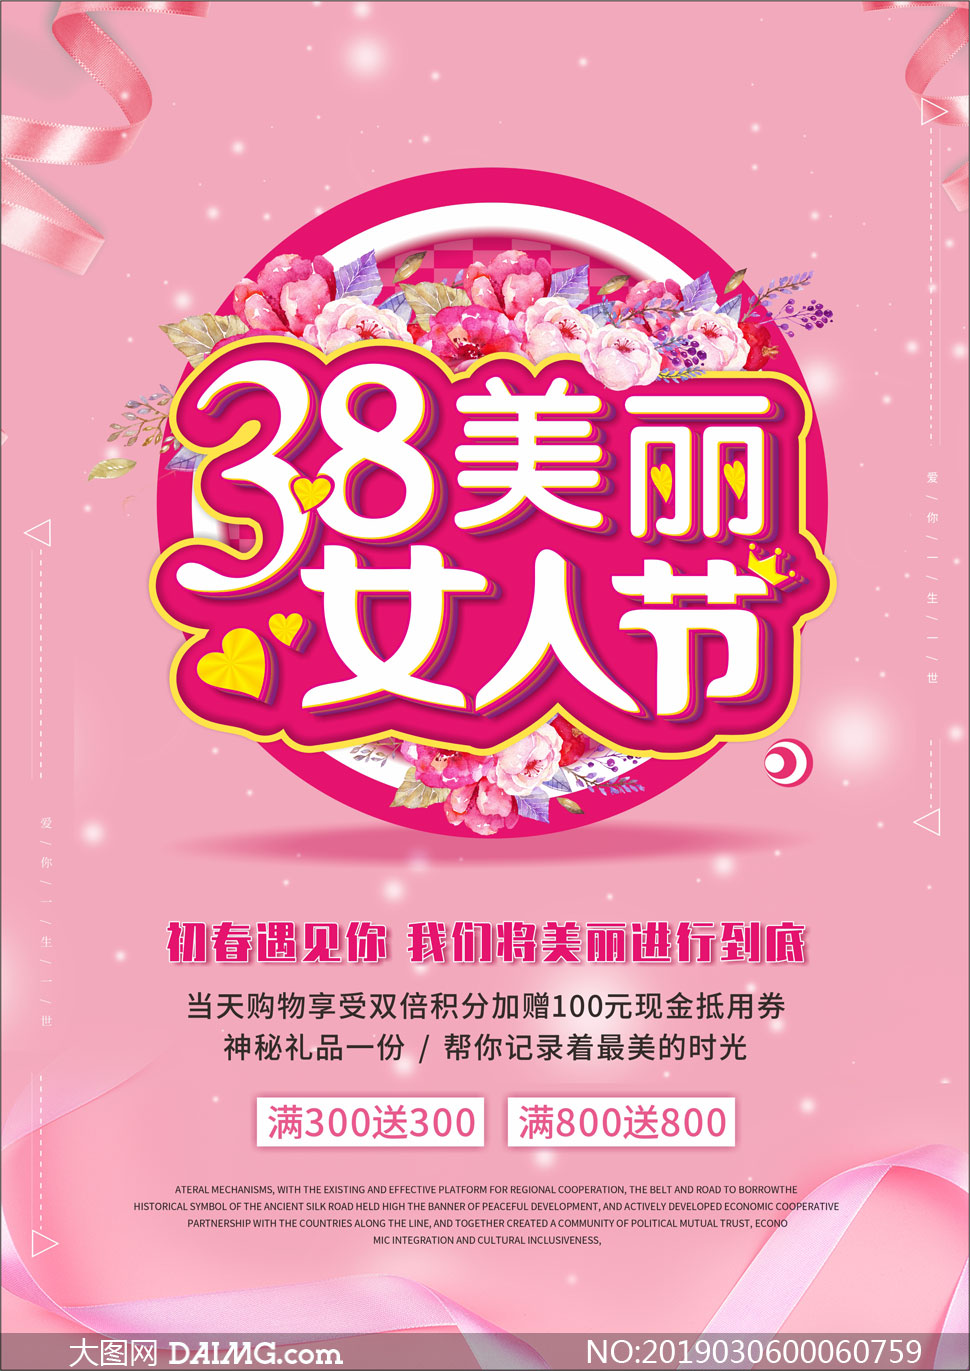 38美丽女人节购物促销海报矢量素材